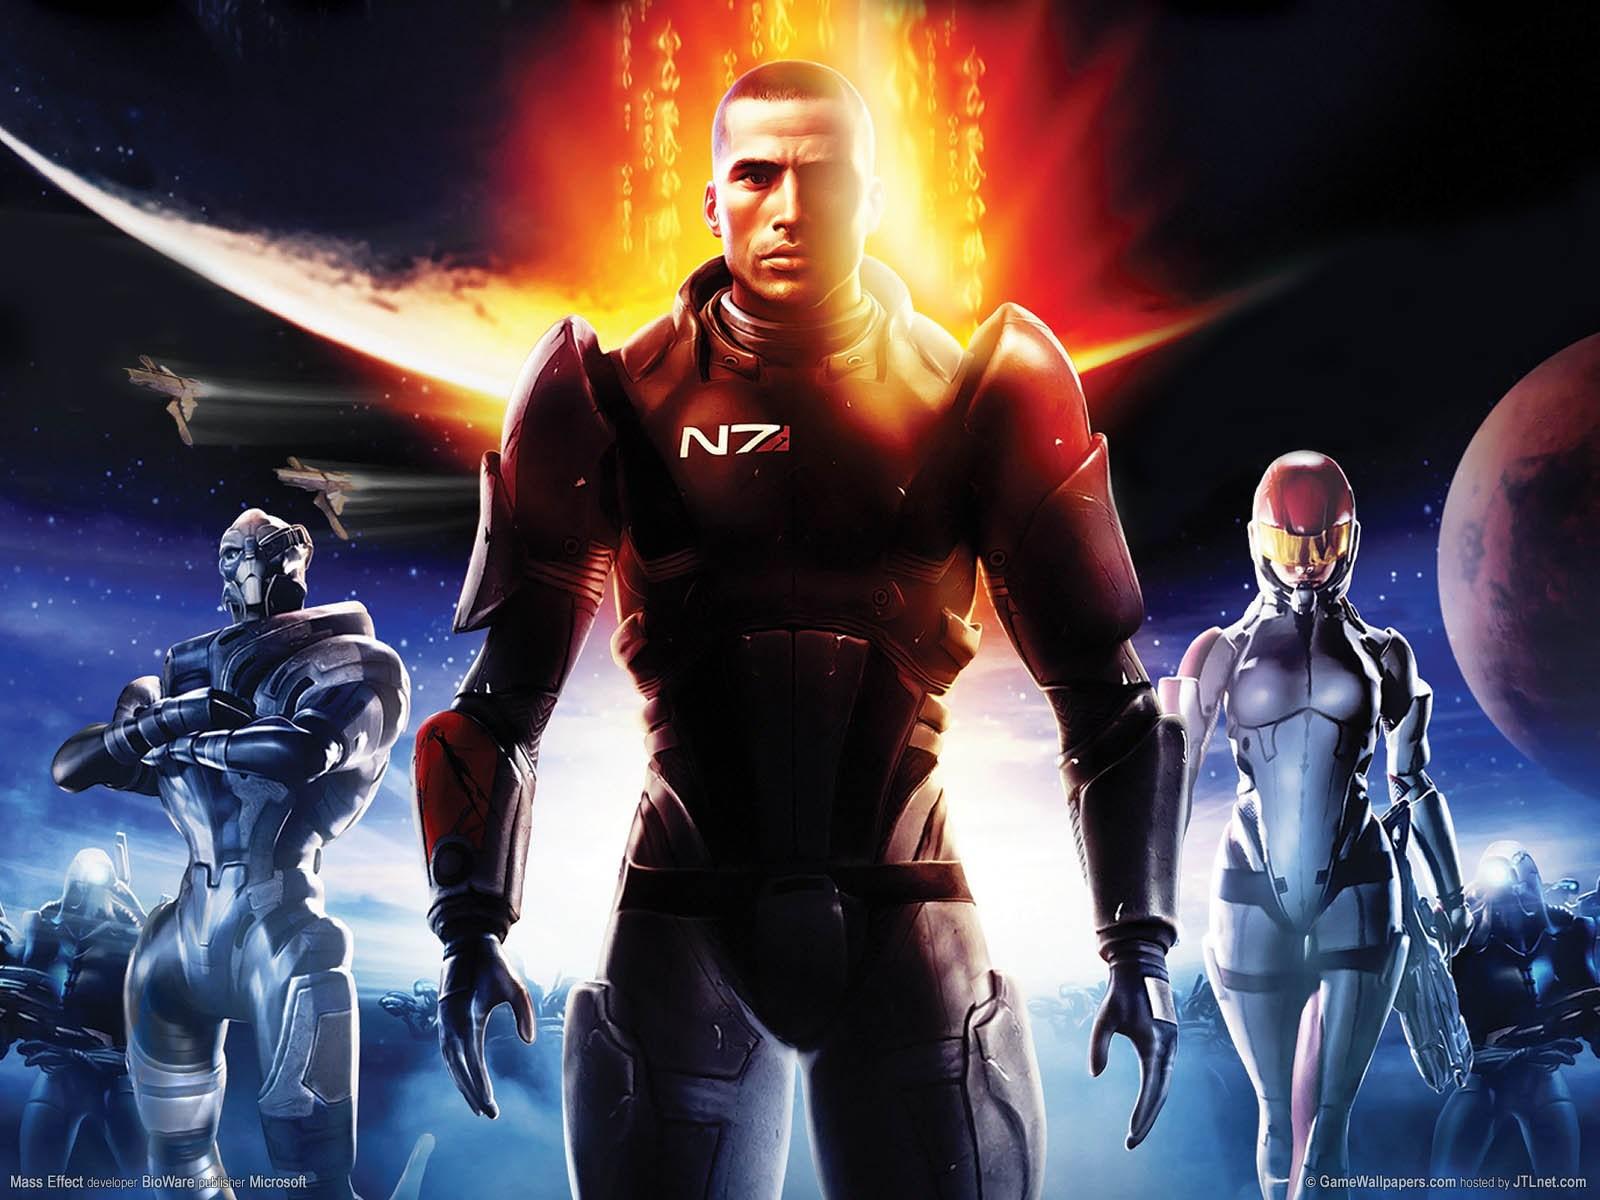 Pregăteşte-te pentru fenomenul Mass Effect 2!